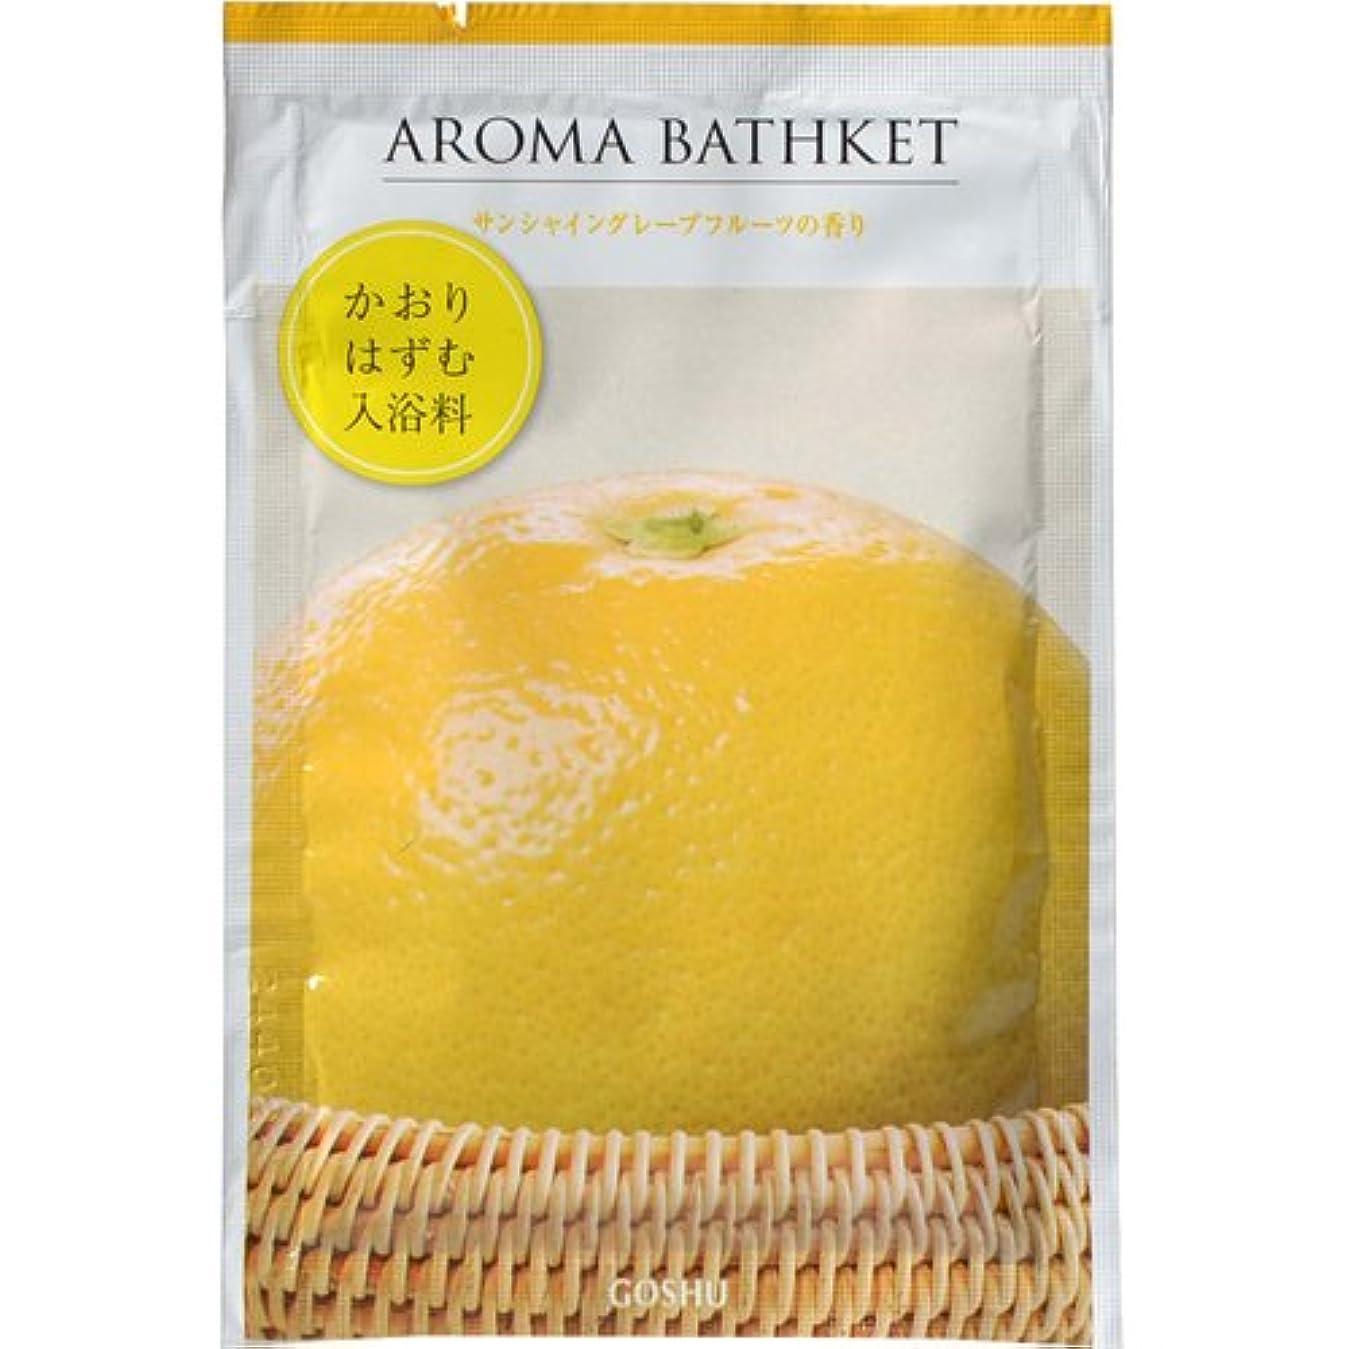 虹欠点反抗アロマバスケット サンシャイングレープフルーツの香り 25g